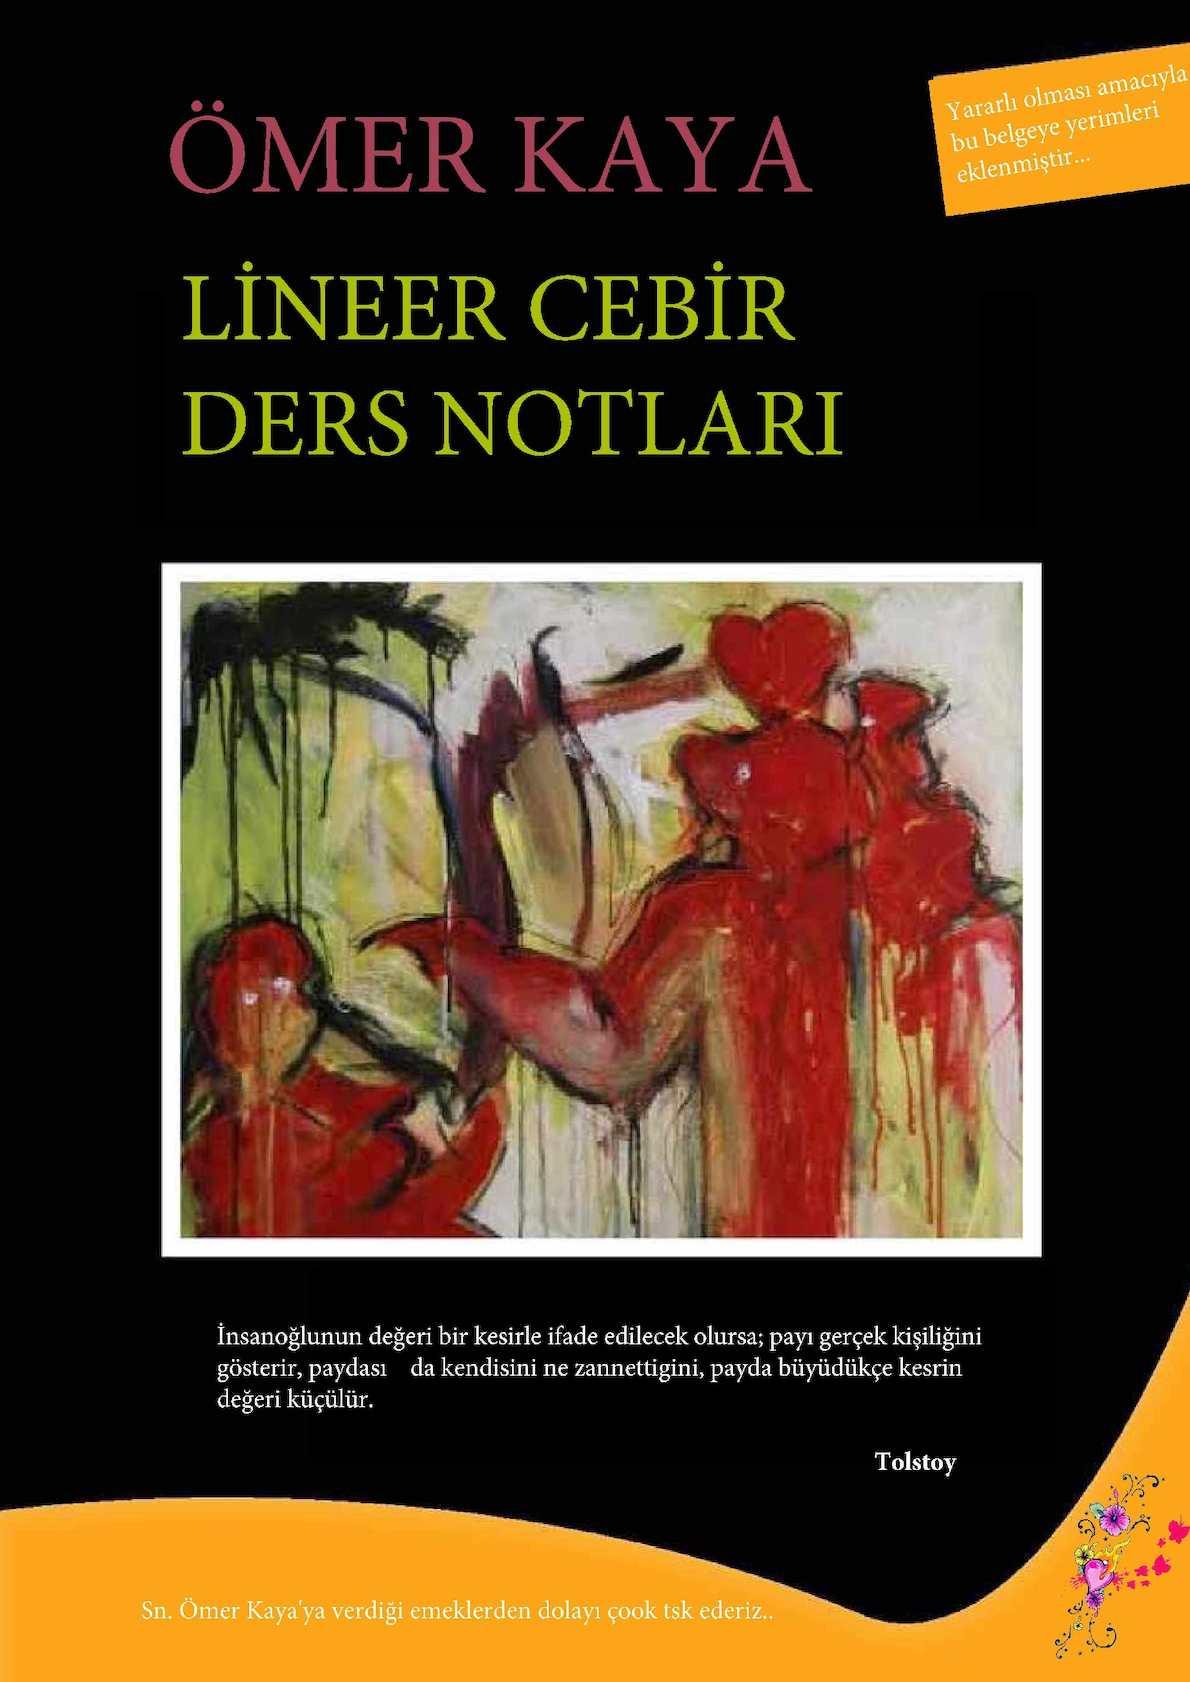 LINEER CEBIR DERS NOTU PDF